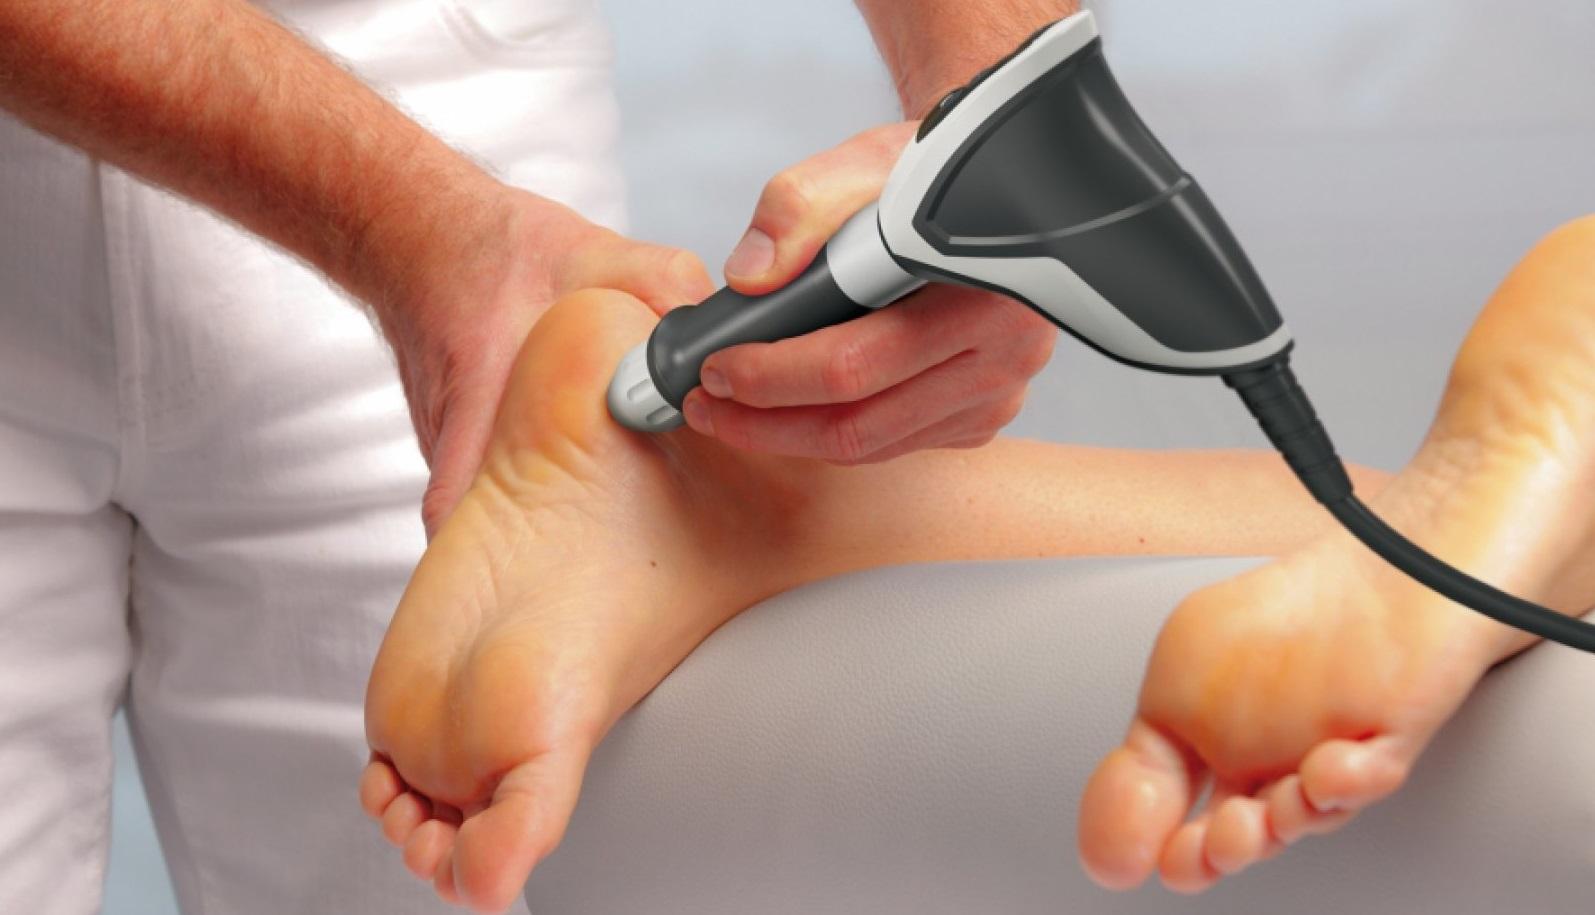 Как лечить шпоры на пятках в домашних условиях Азбука здоровья